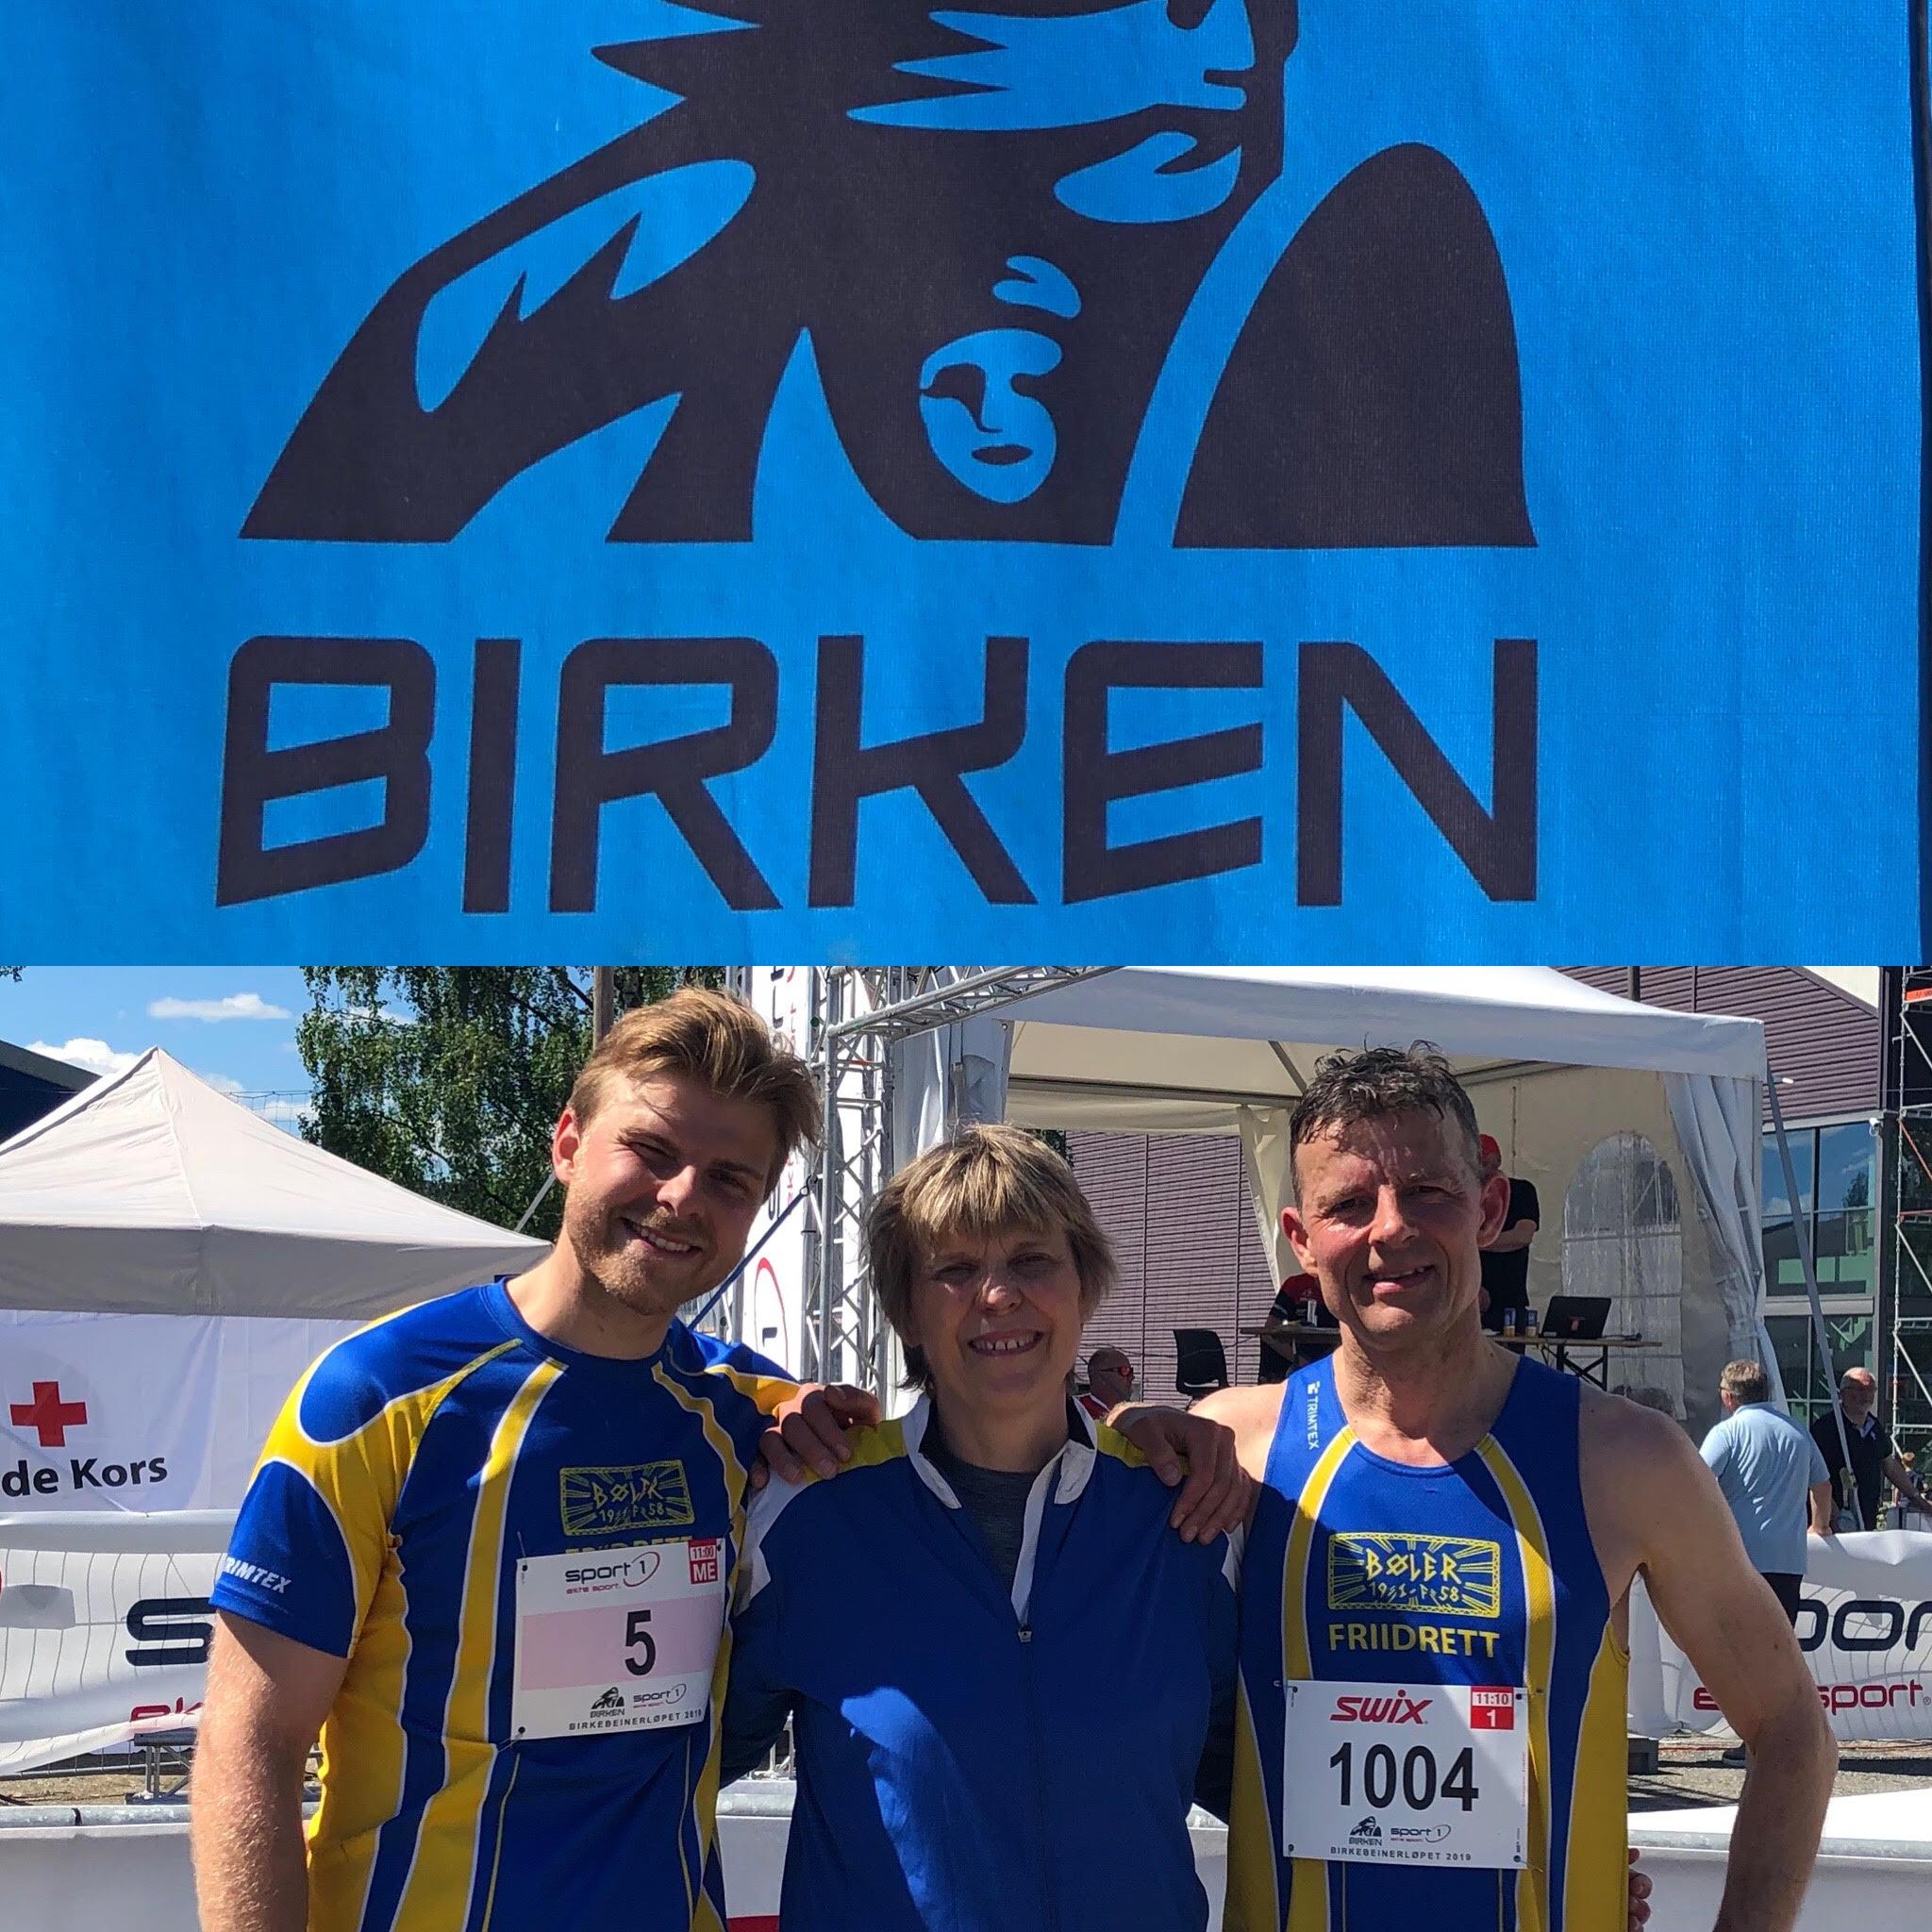 99dab36e Bøler IF Friidrett var representert i årets Birkebeiner løpsfestival med  fem deltagere på en av årets hittil varmeste dager, der mange slet i  solsteken.